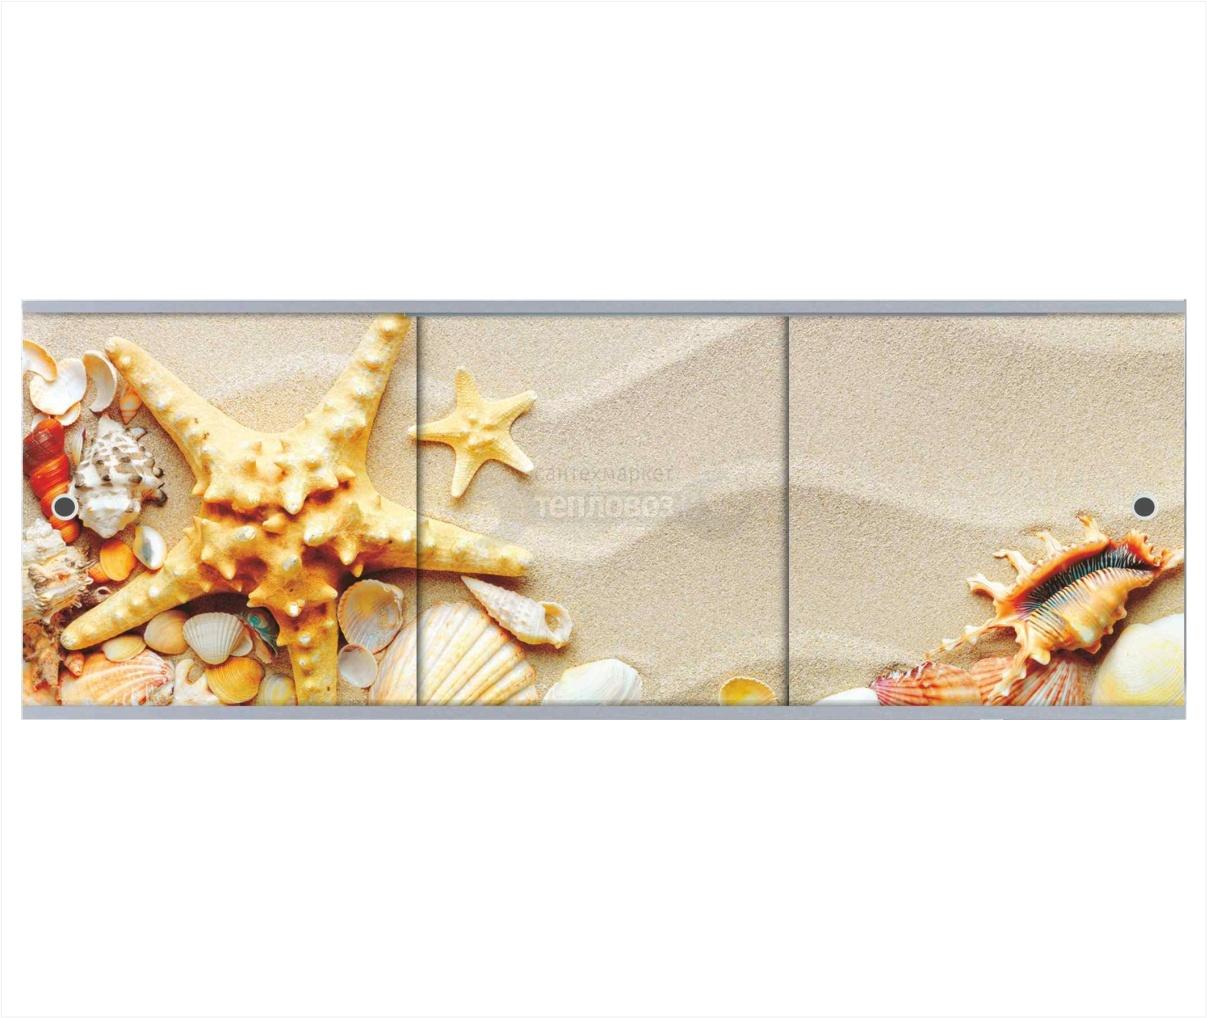 Метакам Премиум АРТ, 148 см, дары моря